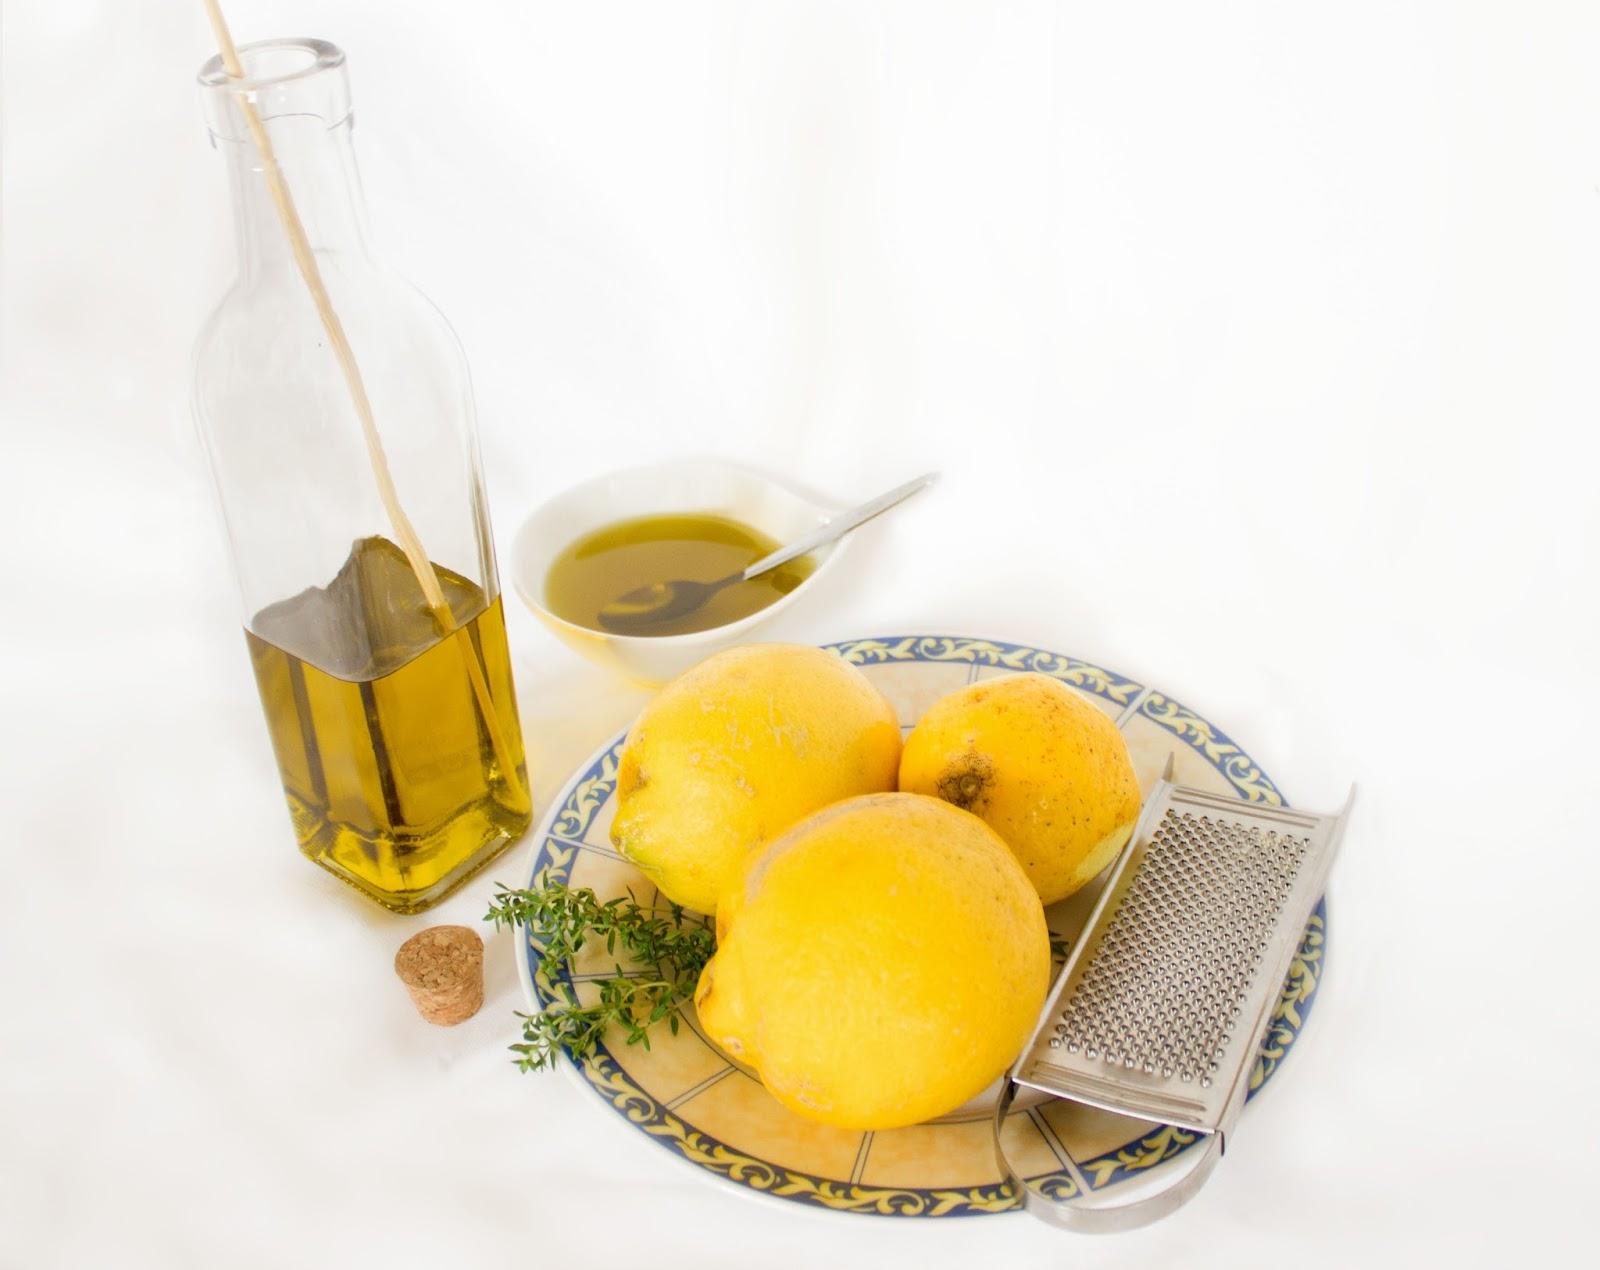 einladung zum essen bella italia no 2 zitronen oliven l selber machen. Black Bedroom Furniture Sets. Home Design Ideas